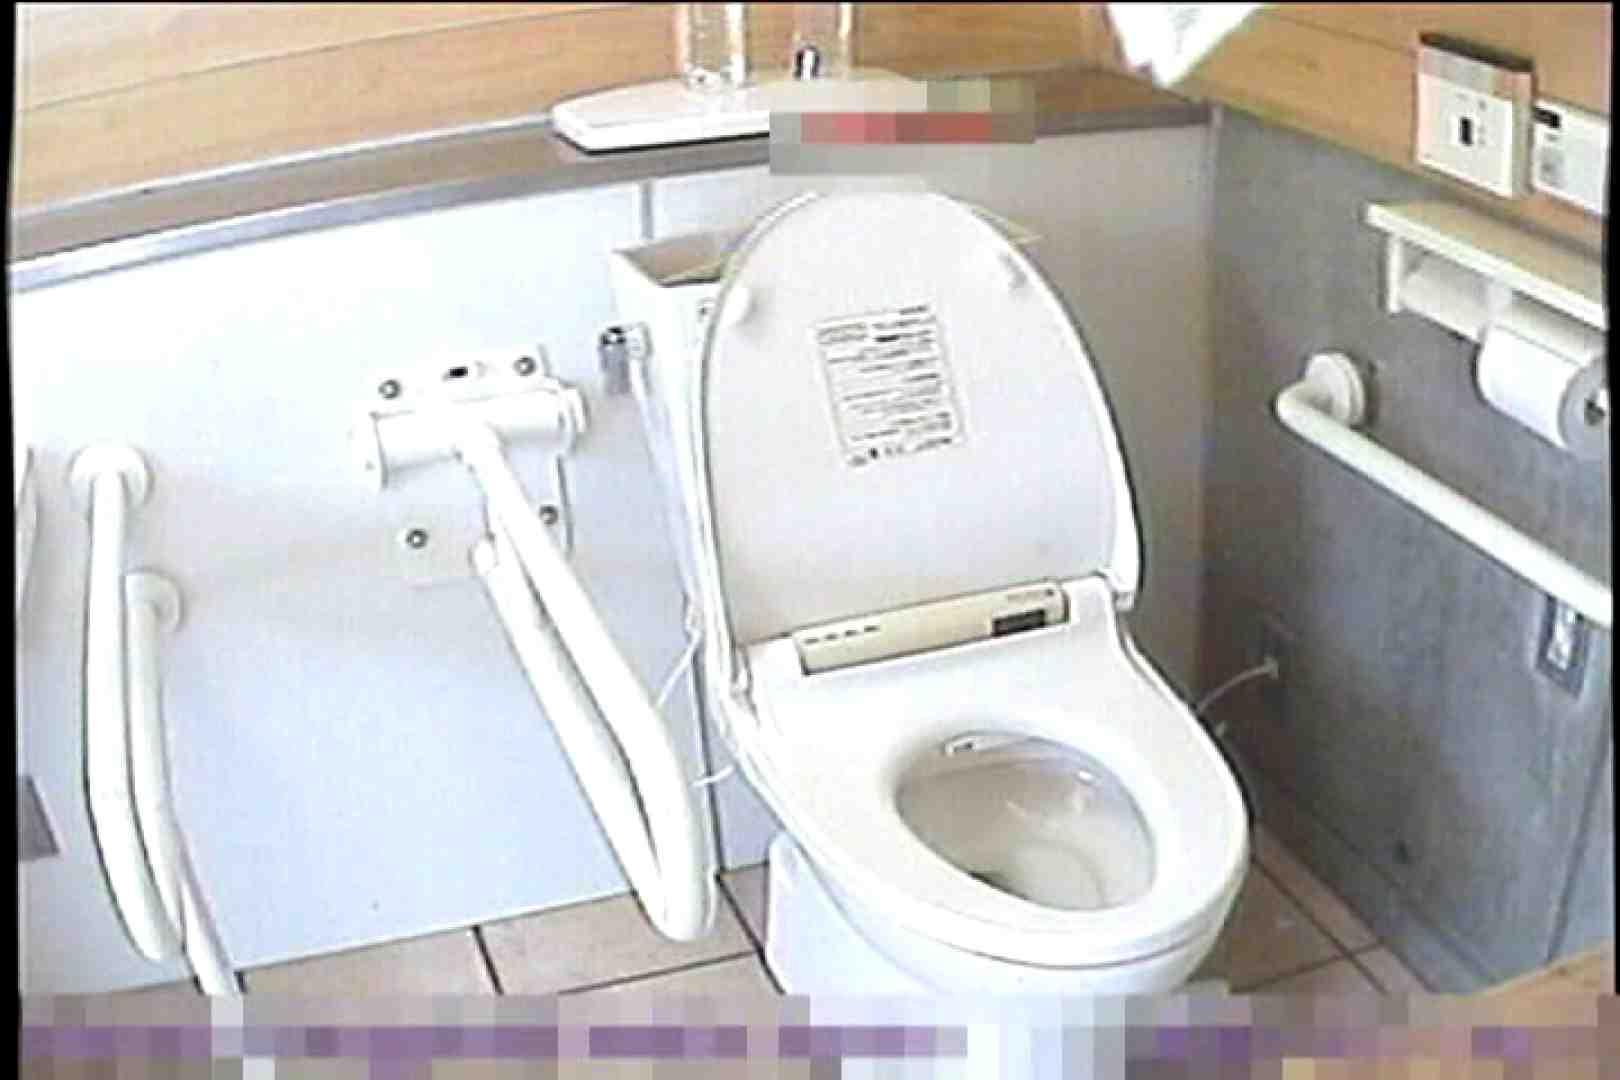 2点盗撮洗面所潜入レポートVol.7 洋式固定カメラ編 盗撮師作品   美しいOLの裸体  91pic 31